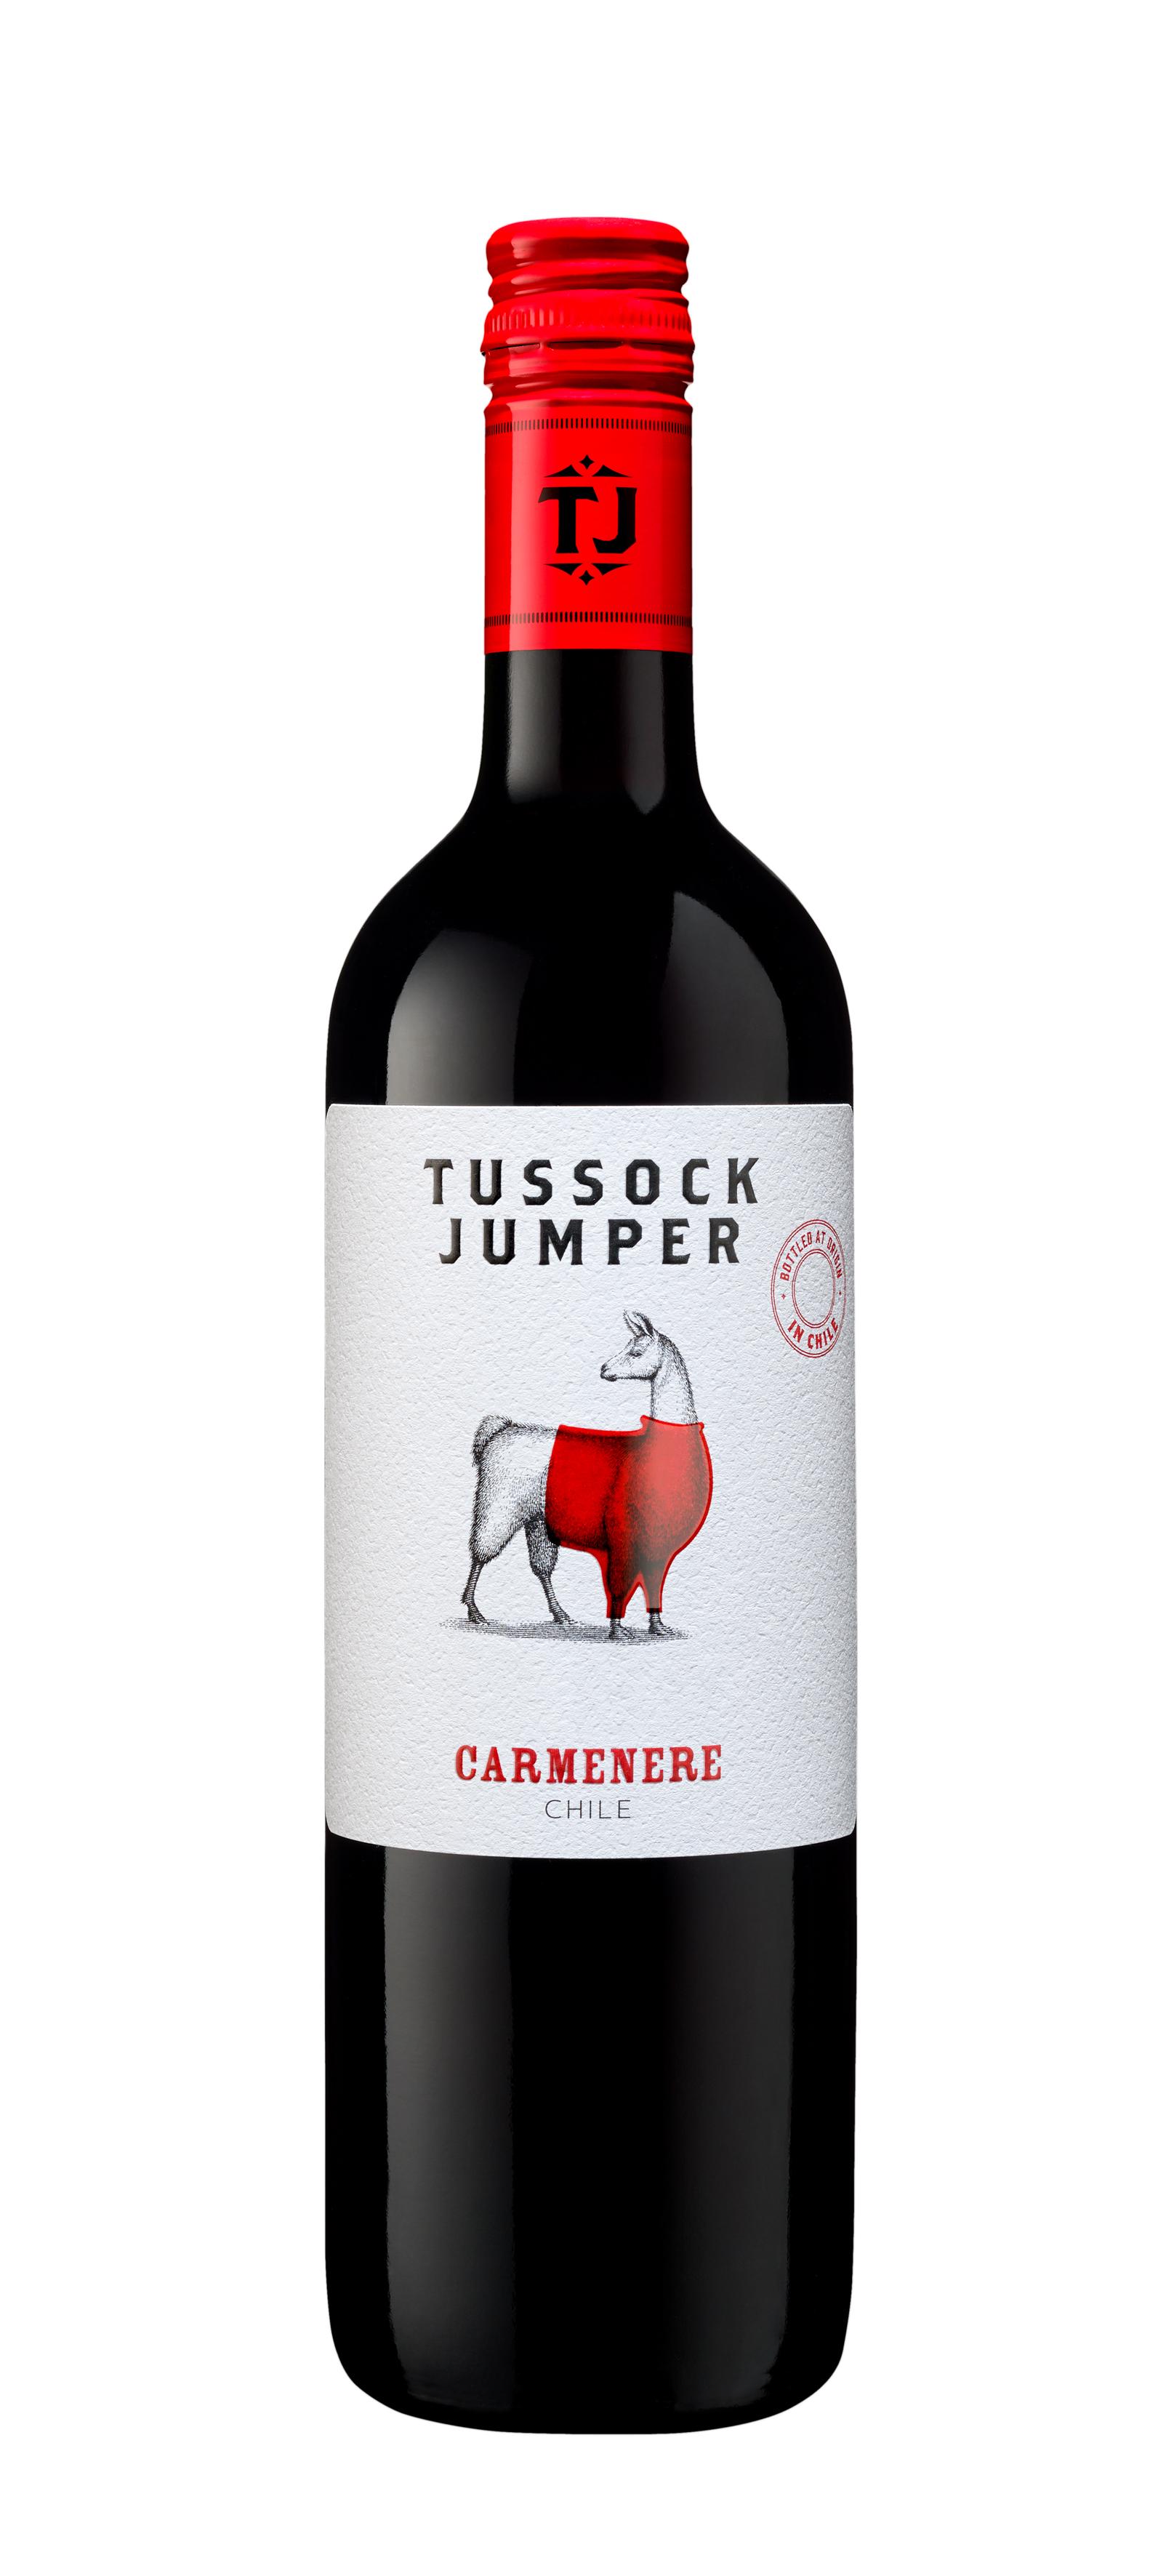 Tussock Jumper Carmenere